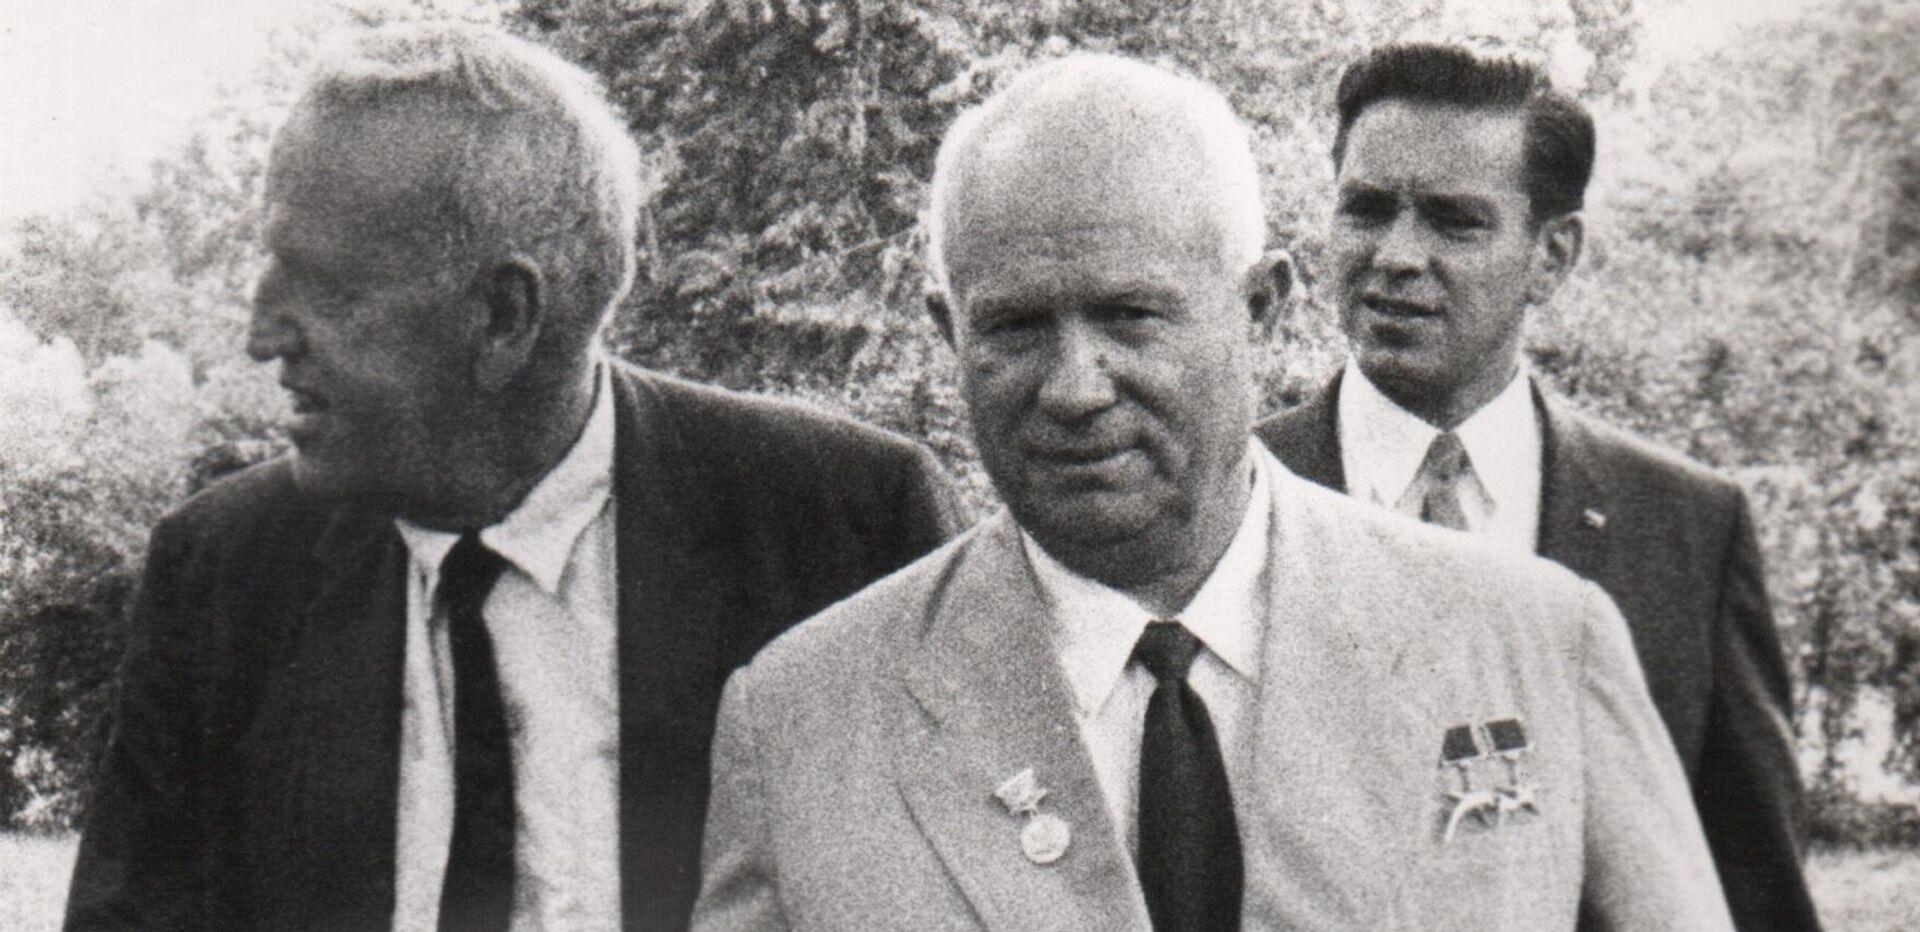 Никита Хрущев и Росуэлл Гарст на ферме последнего в сентябре 1959 года  - РИА Новости, 1920, 24.02.2021